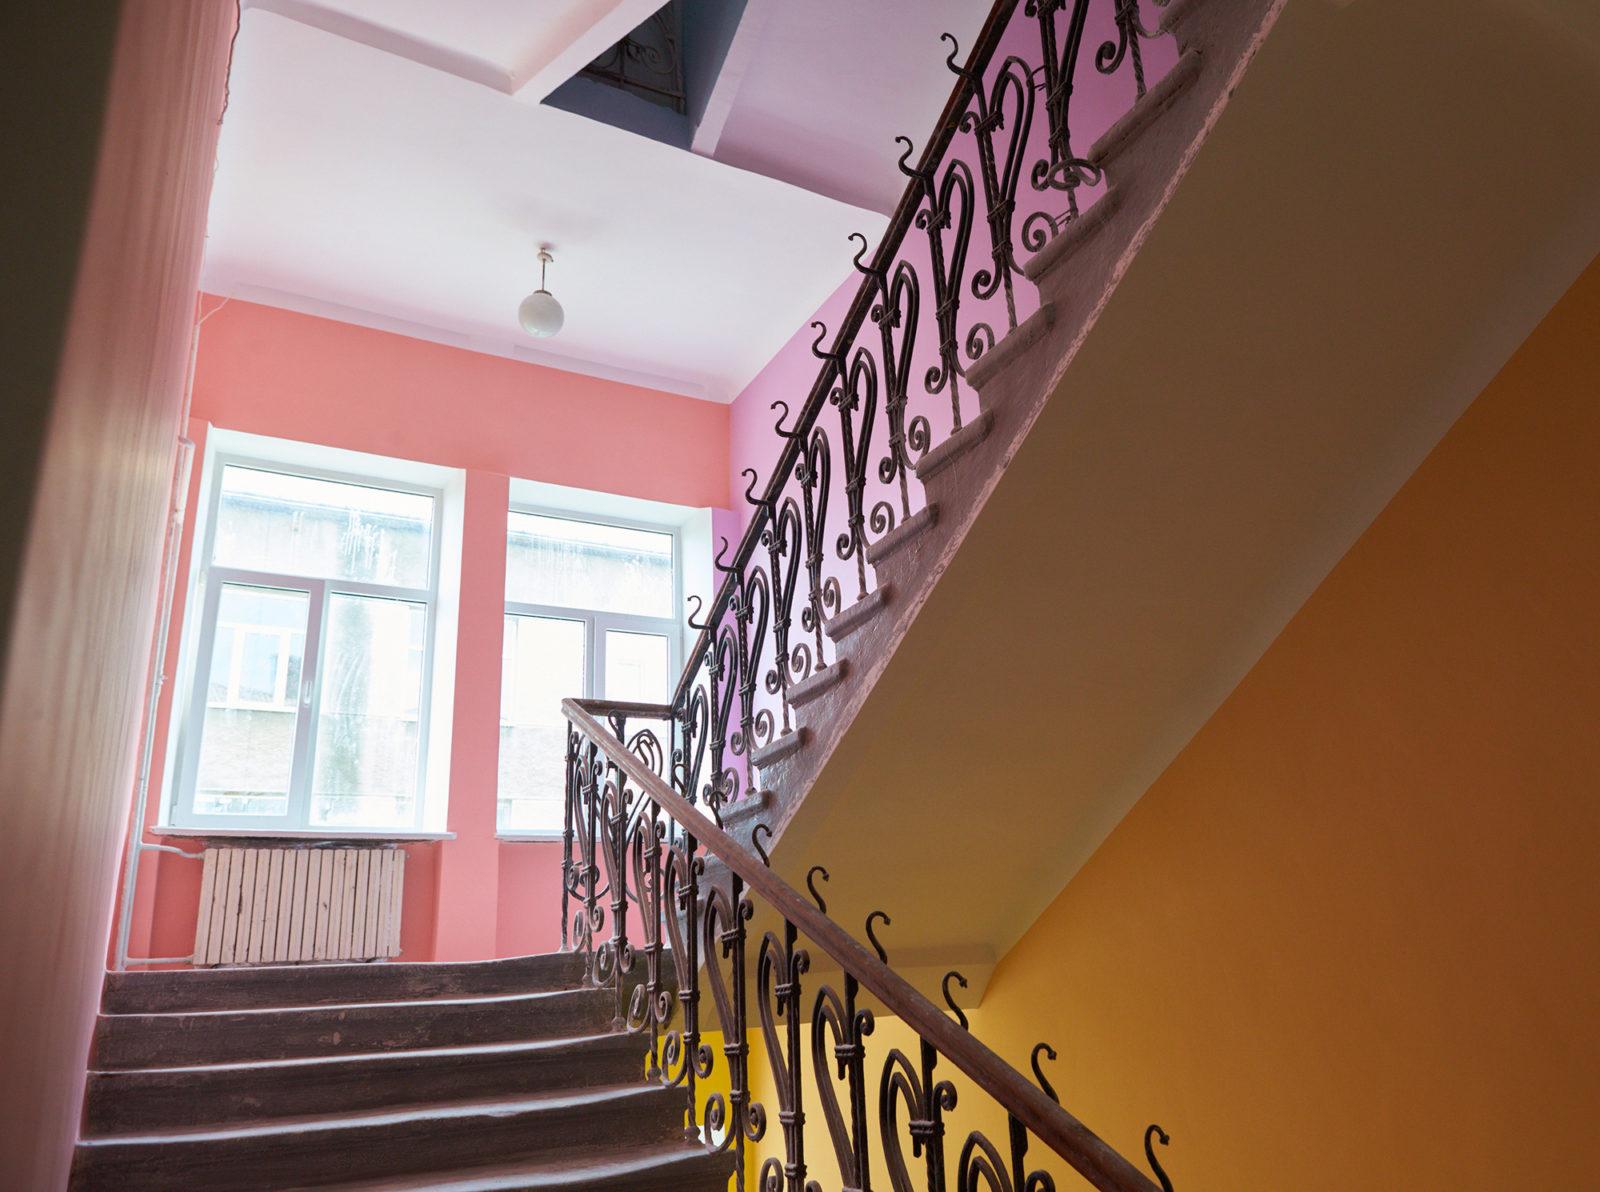 В 11-ій школі відремонтували частину корпусу, якому понад 100 років (ФОТО)